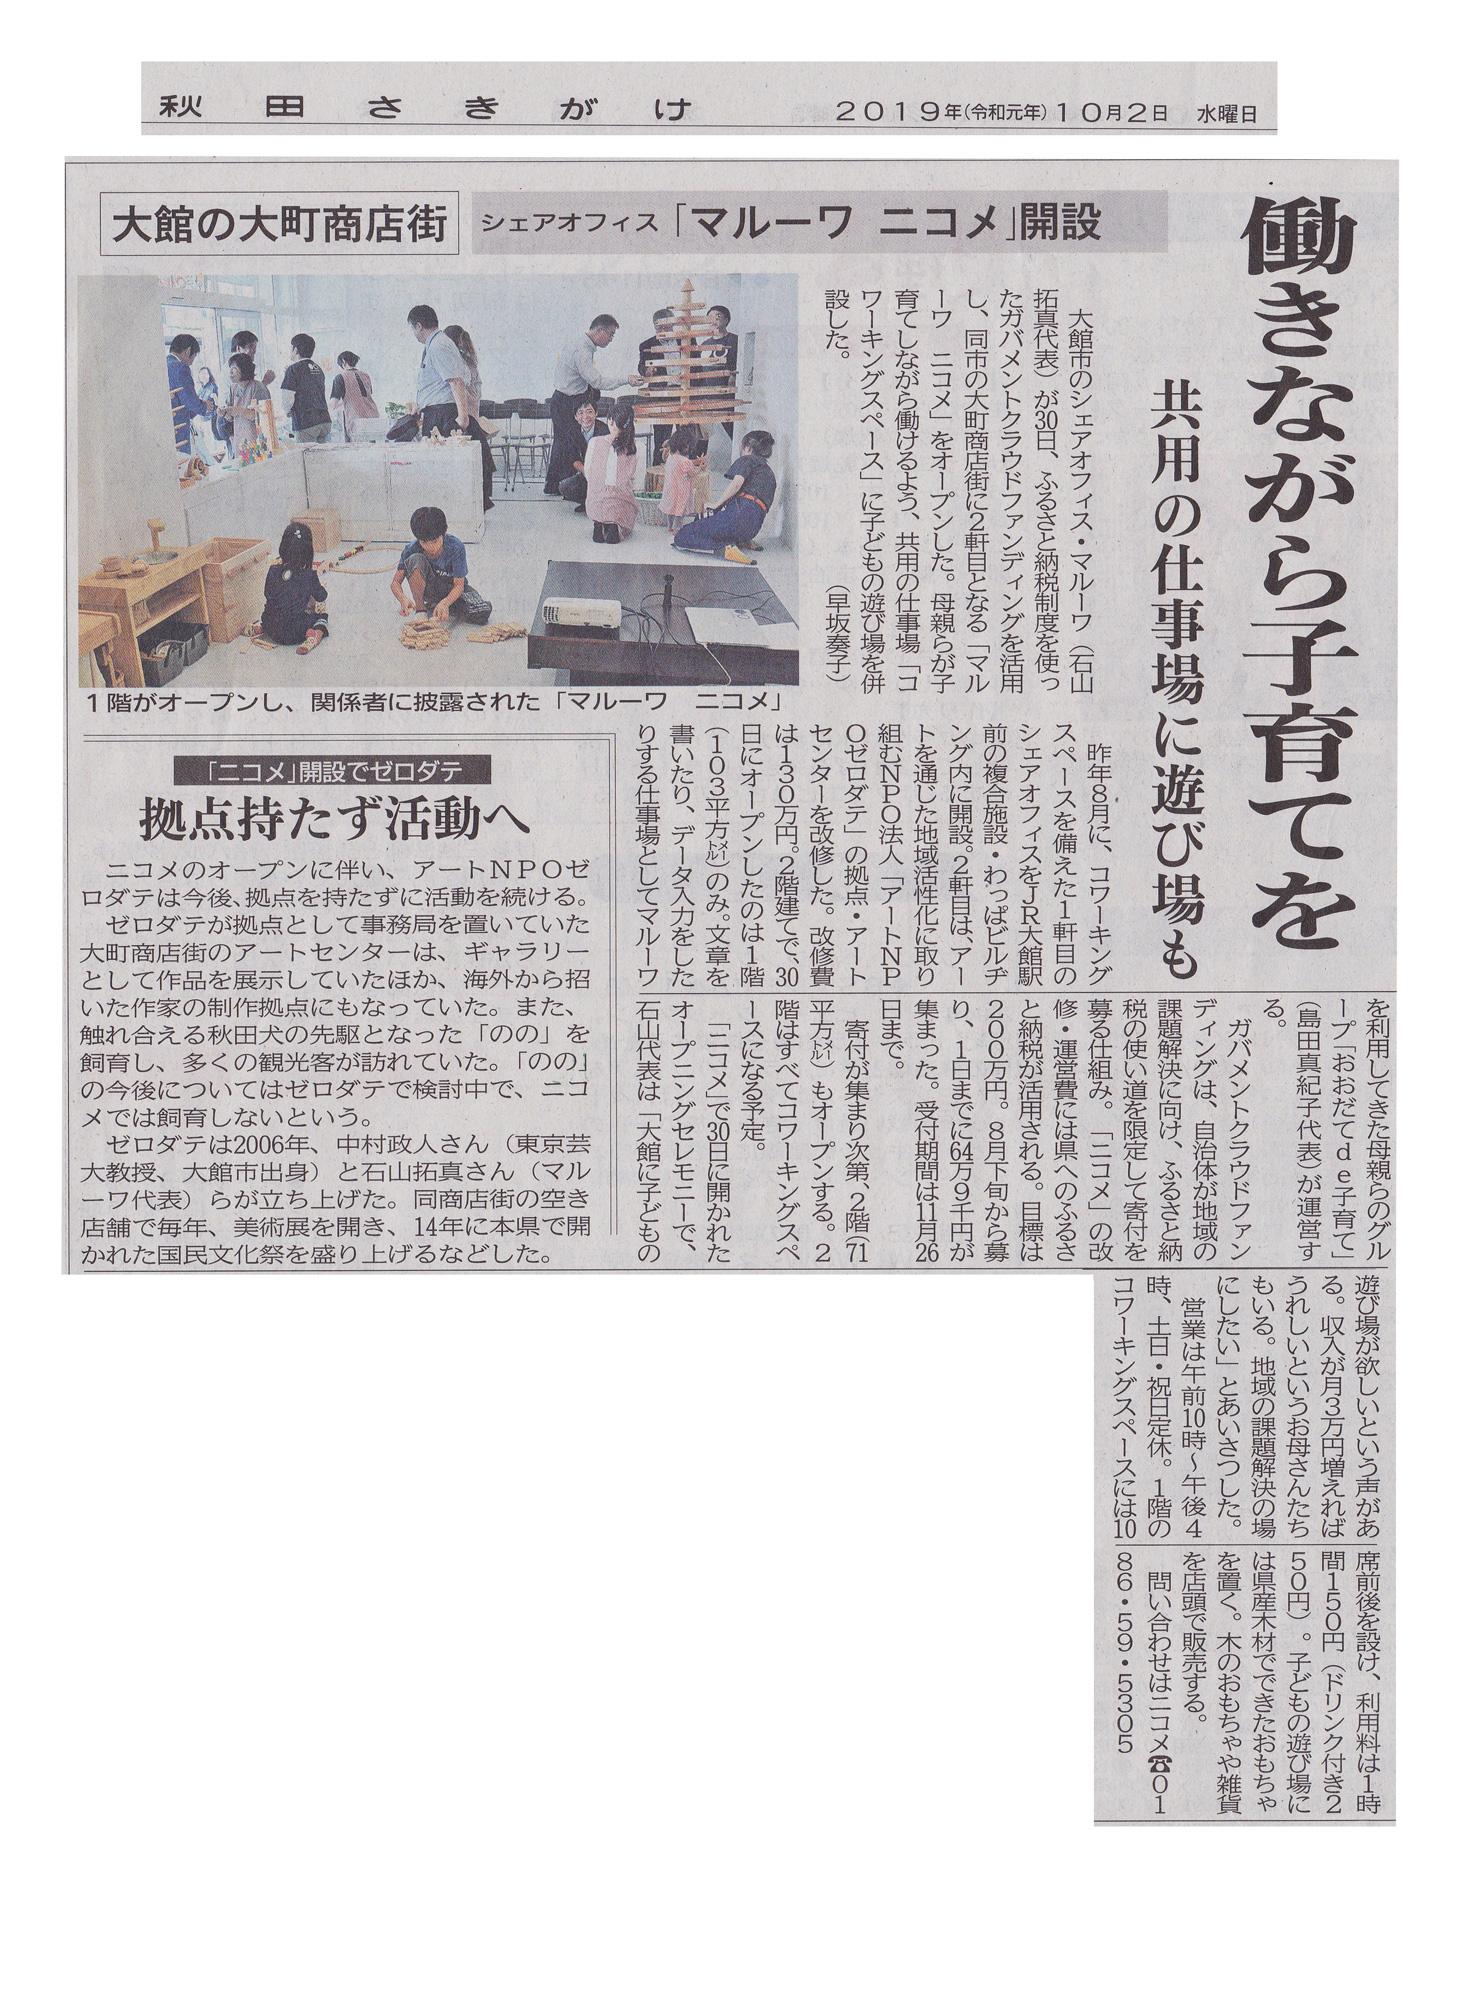 秋田さきがけ新聞「働きながら子育てを MARUWWAニコメ開設」